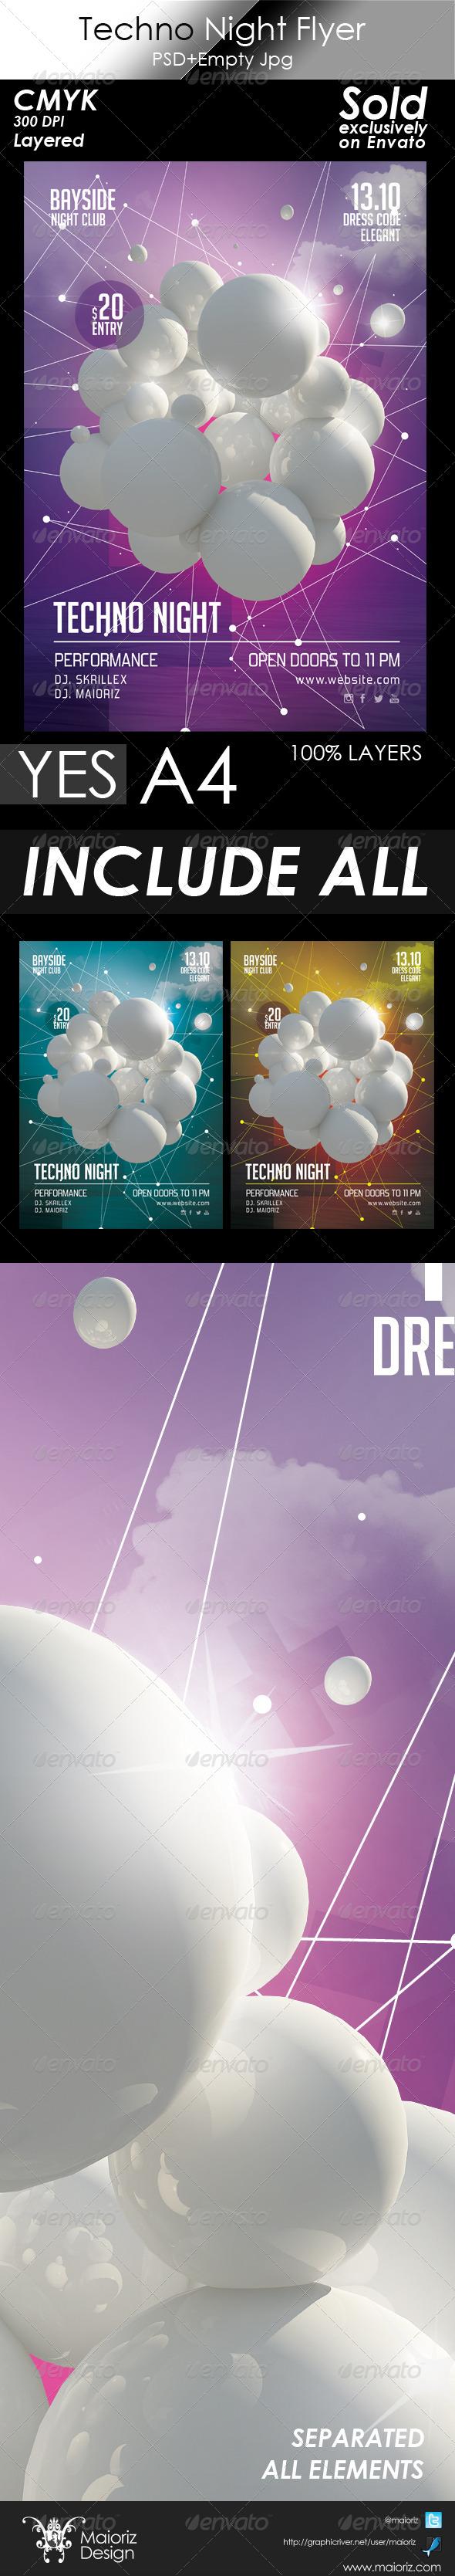 GraphicRiver Techno Night Flyer Template 5442685